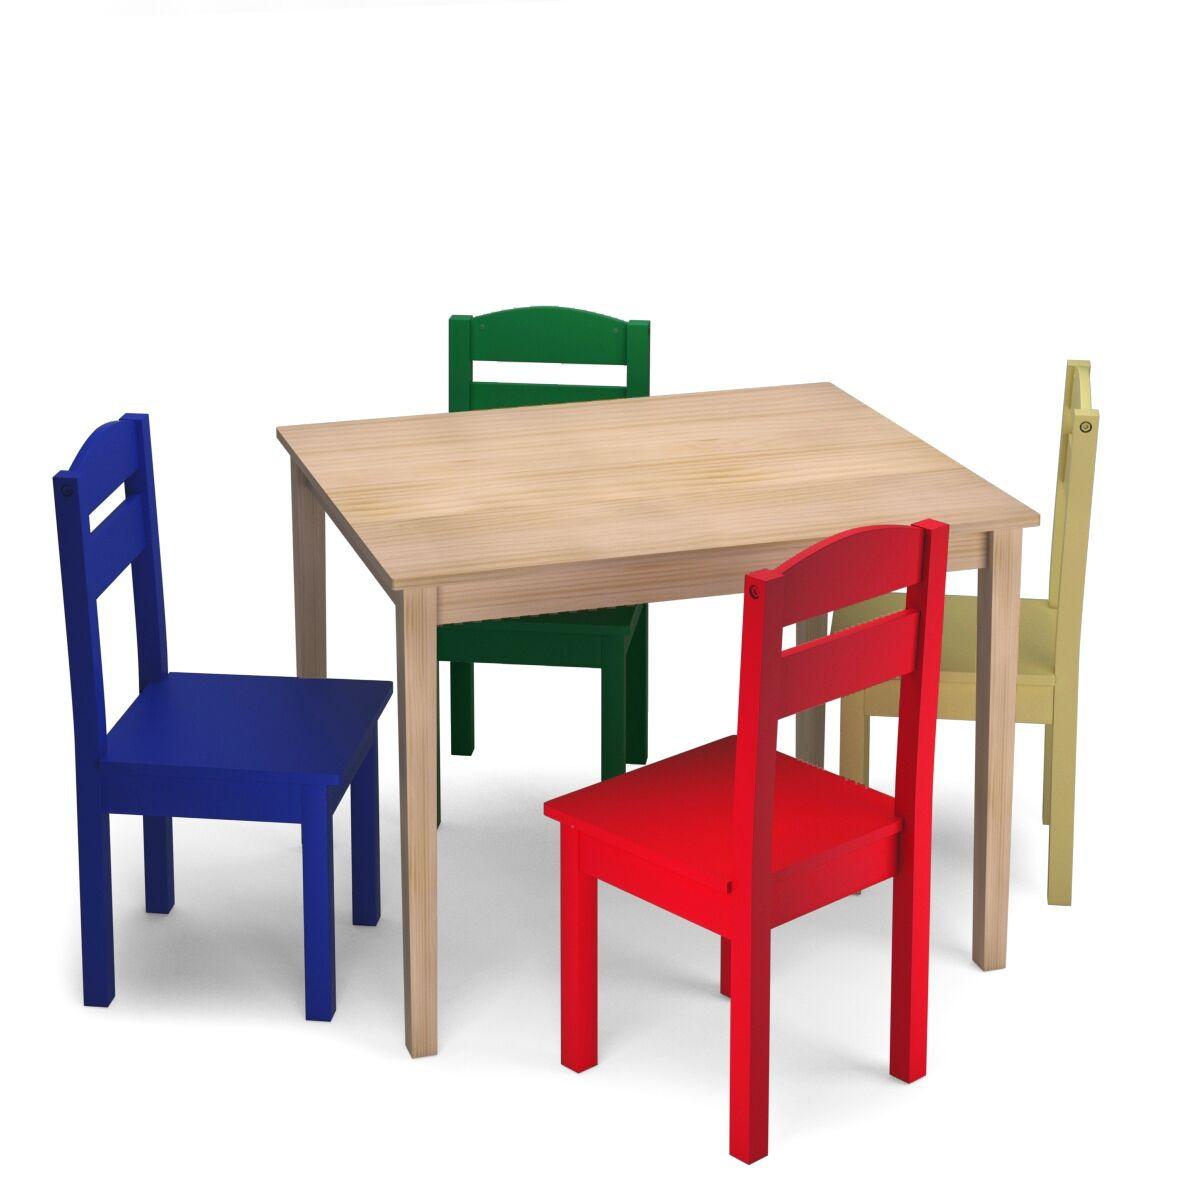 Costway Juego Mueble para Niños Mesa y 4 Sillas de Madera Escritorio para Infantil Dormitorio Sala de Juego Multicolor